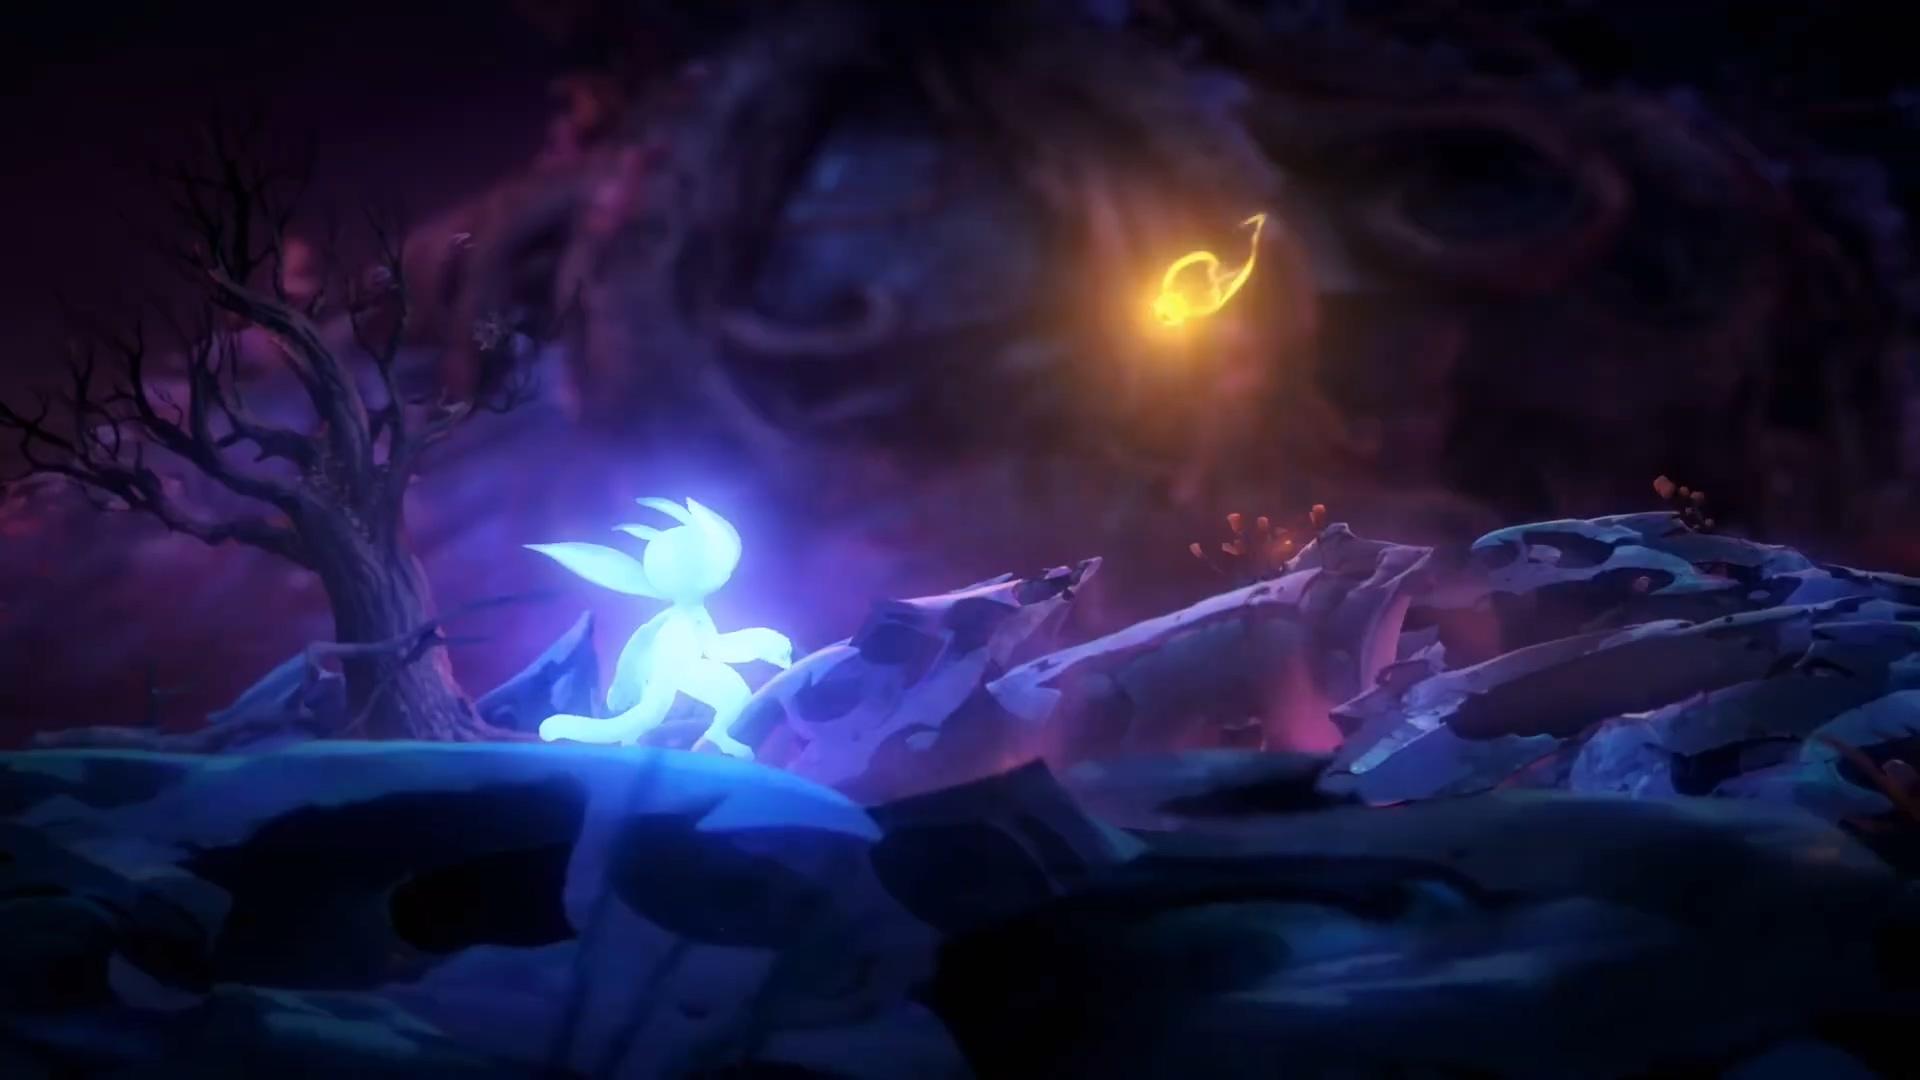 《精灵与萤火意志》将登陆XSX 支持4K/120FPS